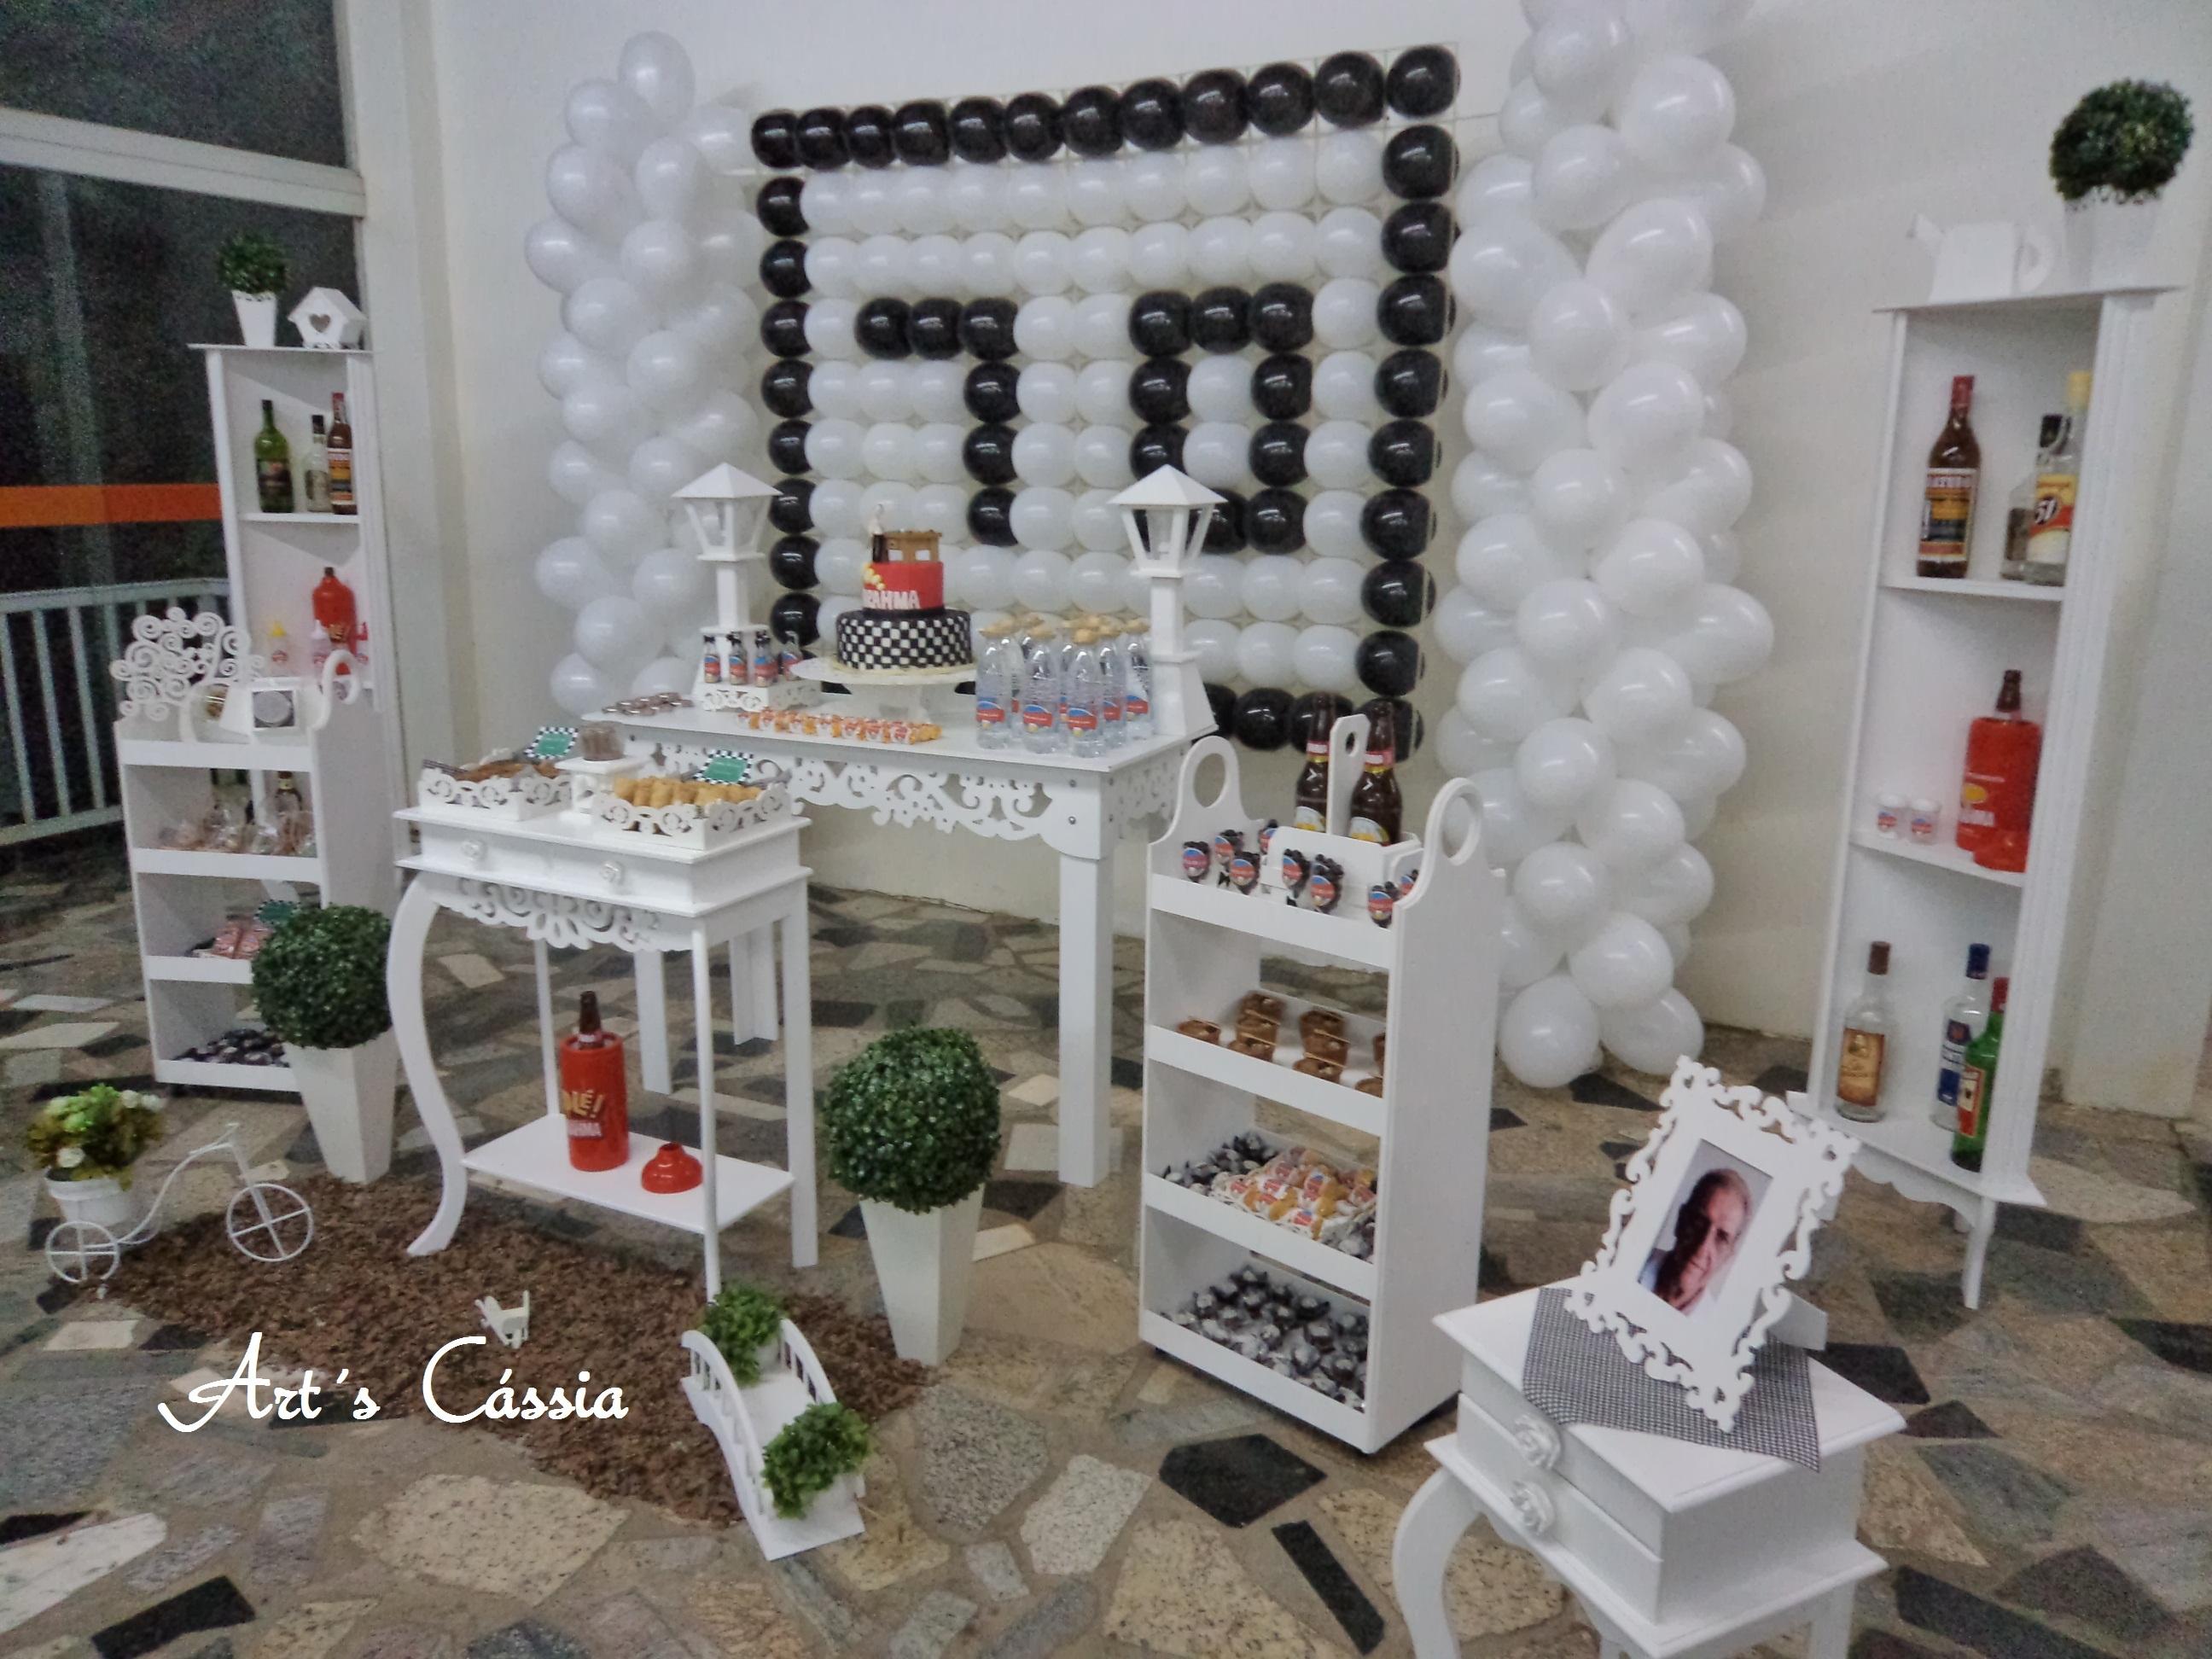 locacao decoracao boteco:boteco decoracao provencal boteco decoracao  #654539 2592x1944 Banheiro Com Decoração Simples